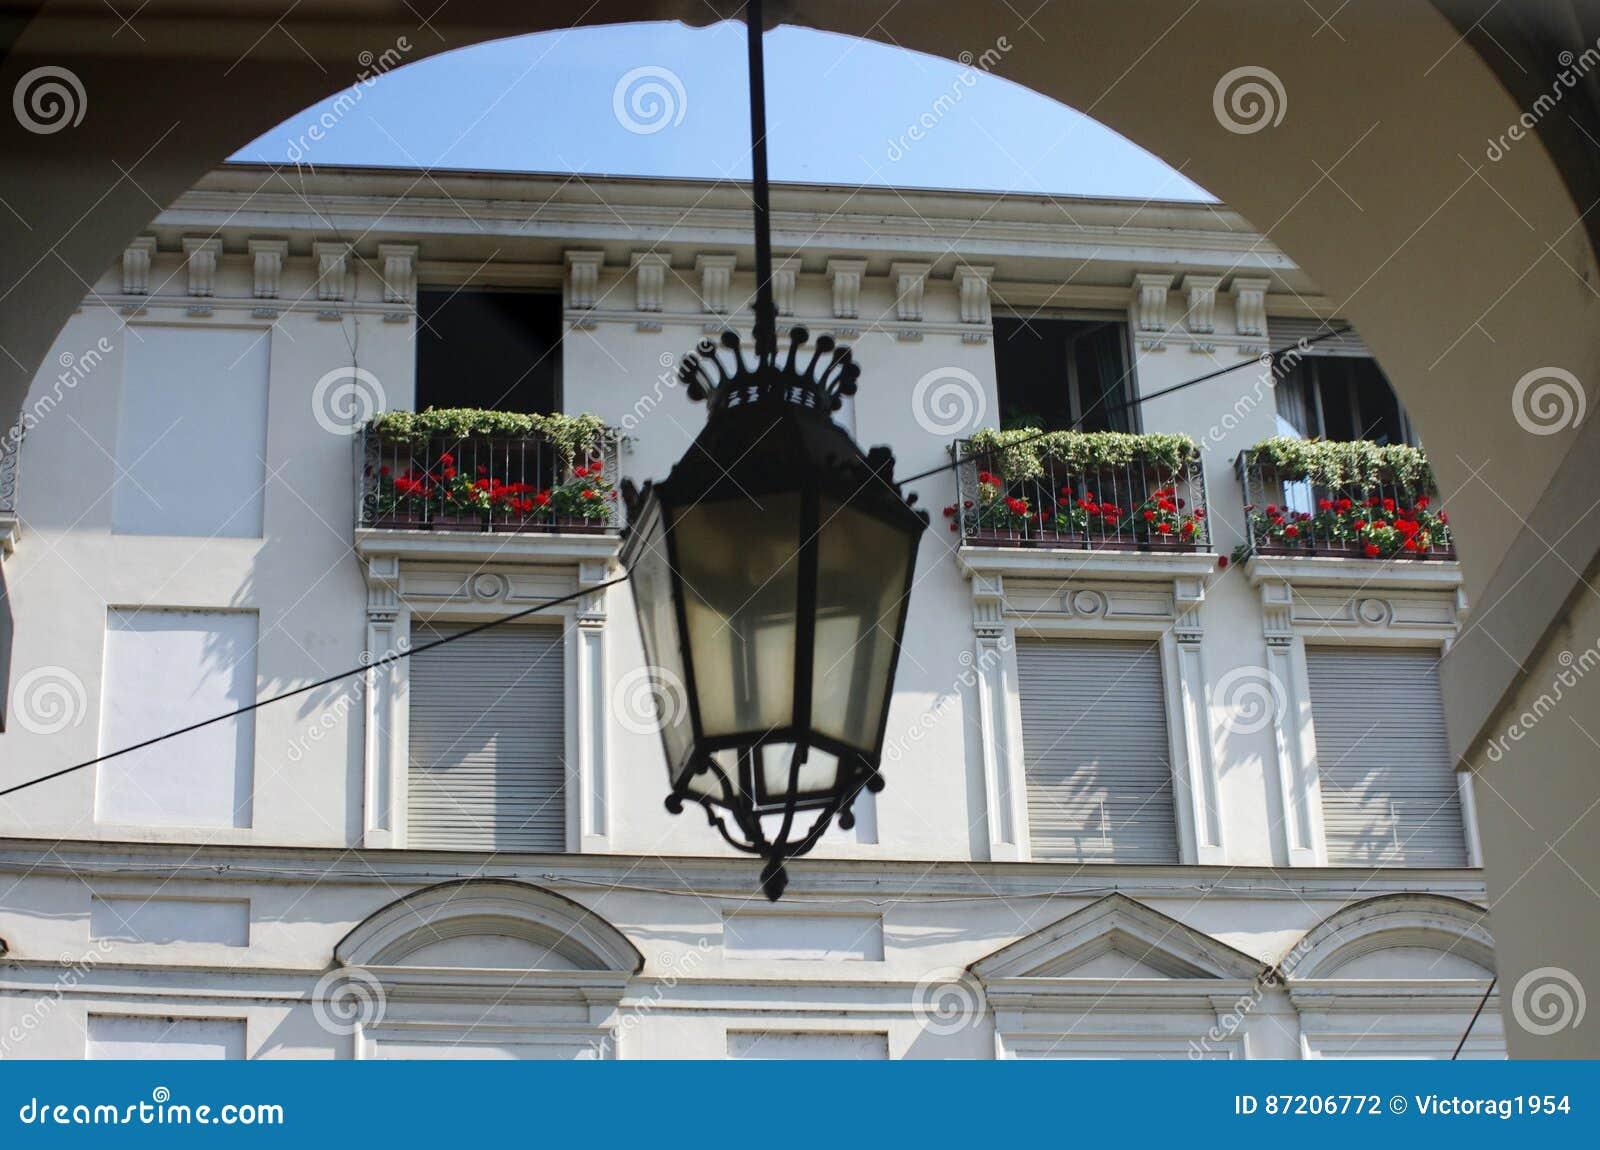 Baroque balcony stock photo 87208824 for Balcony cartoon